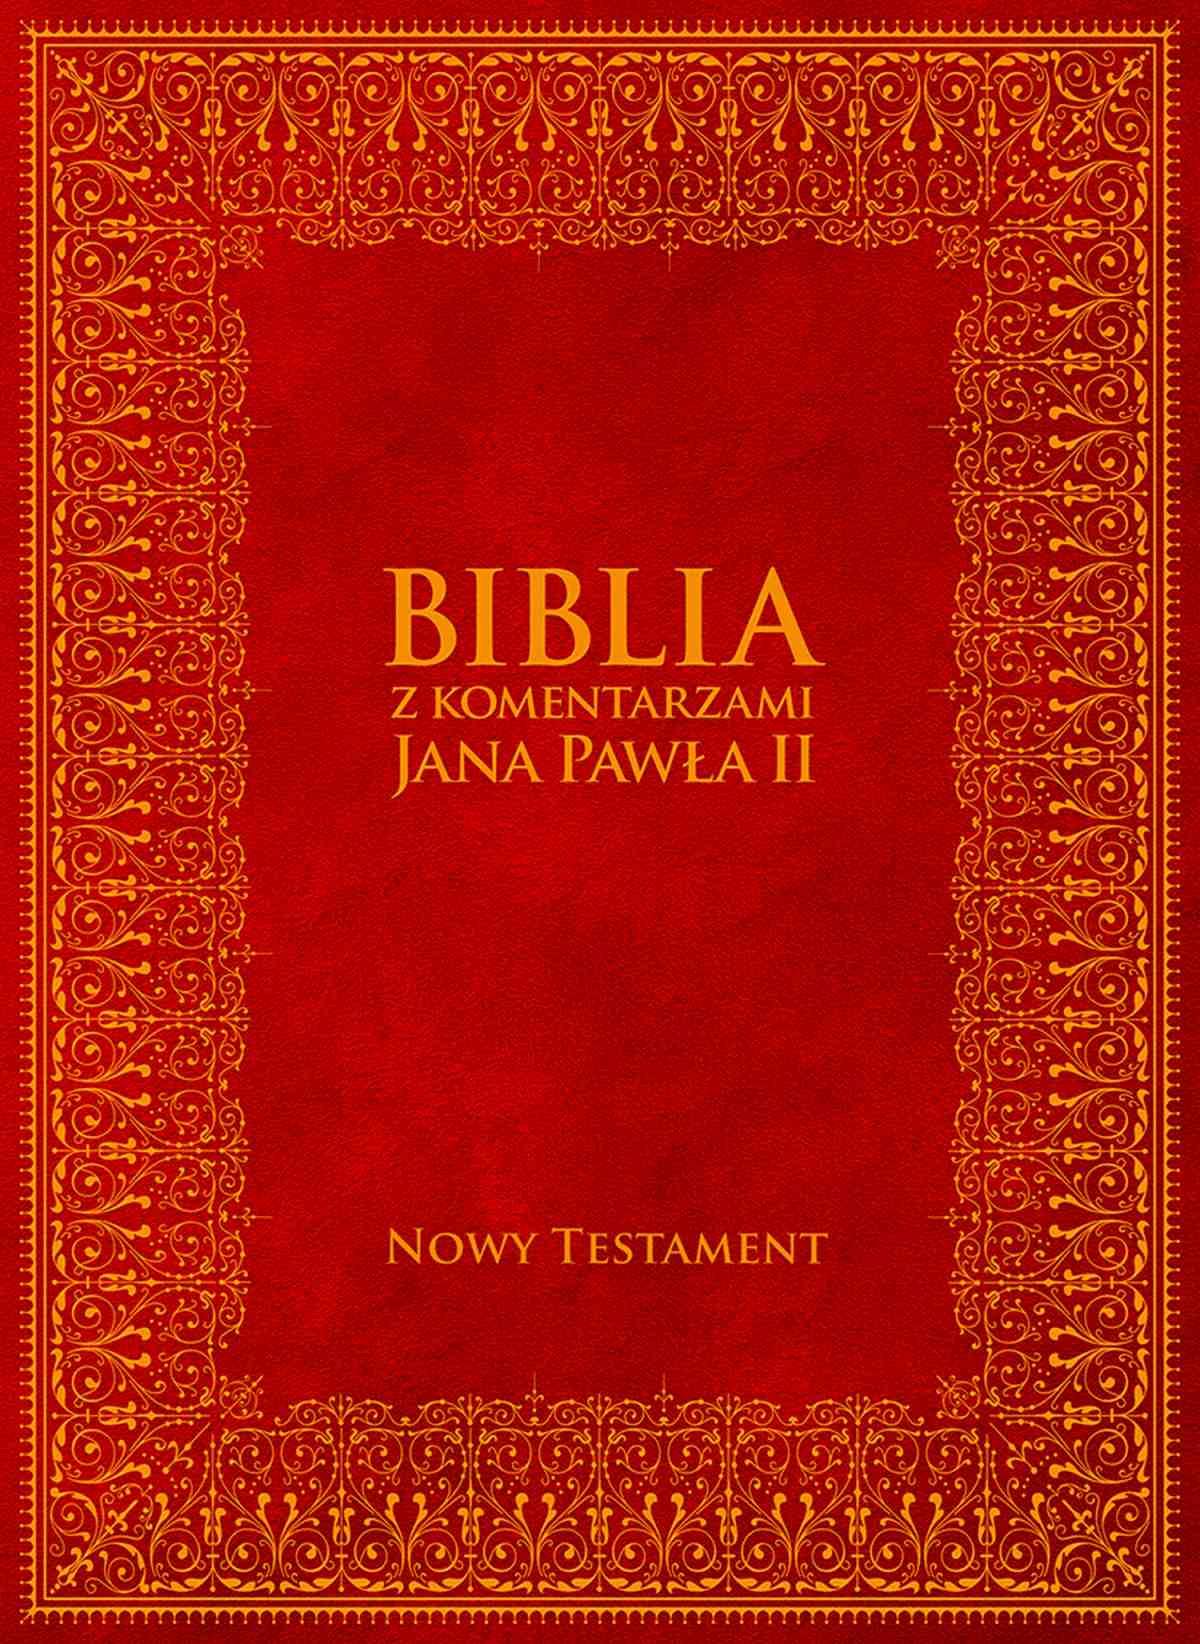 Biblia z Komentarzami Jana Pawła II. Nowy Testament - Ebook (Książka EPUB) do pobrania w formacie EPUB